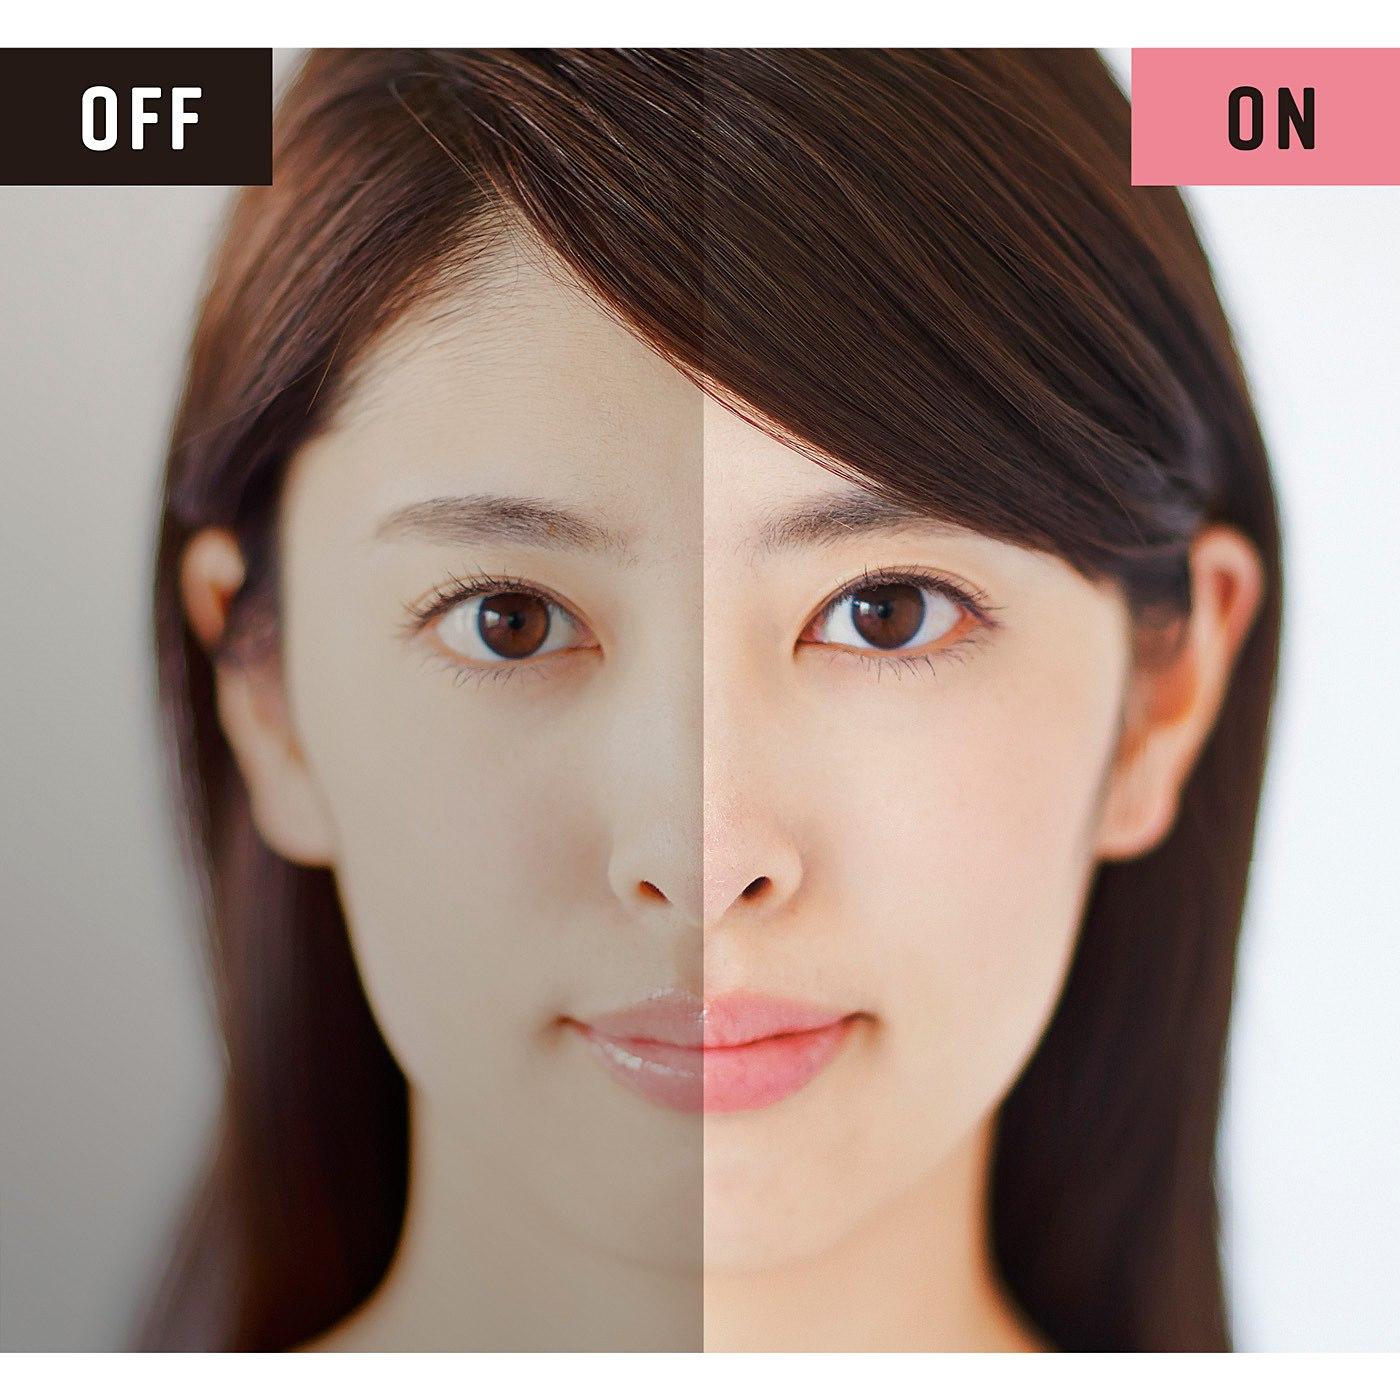 暗い環境では、無意識に厚塗りメイクで顔を明るくしがち。逆に明るい環境では、必要以上に塗ることがないので、ナチュラルな仕上がりに。 ※LEDライトのON/OFF画像はイメージです。